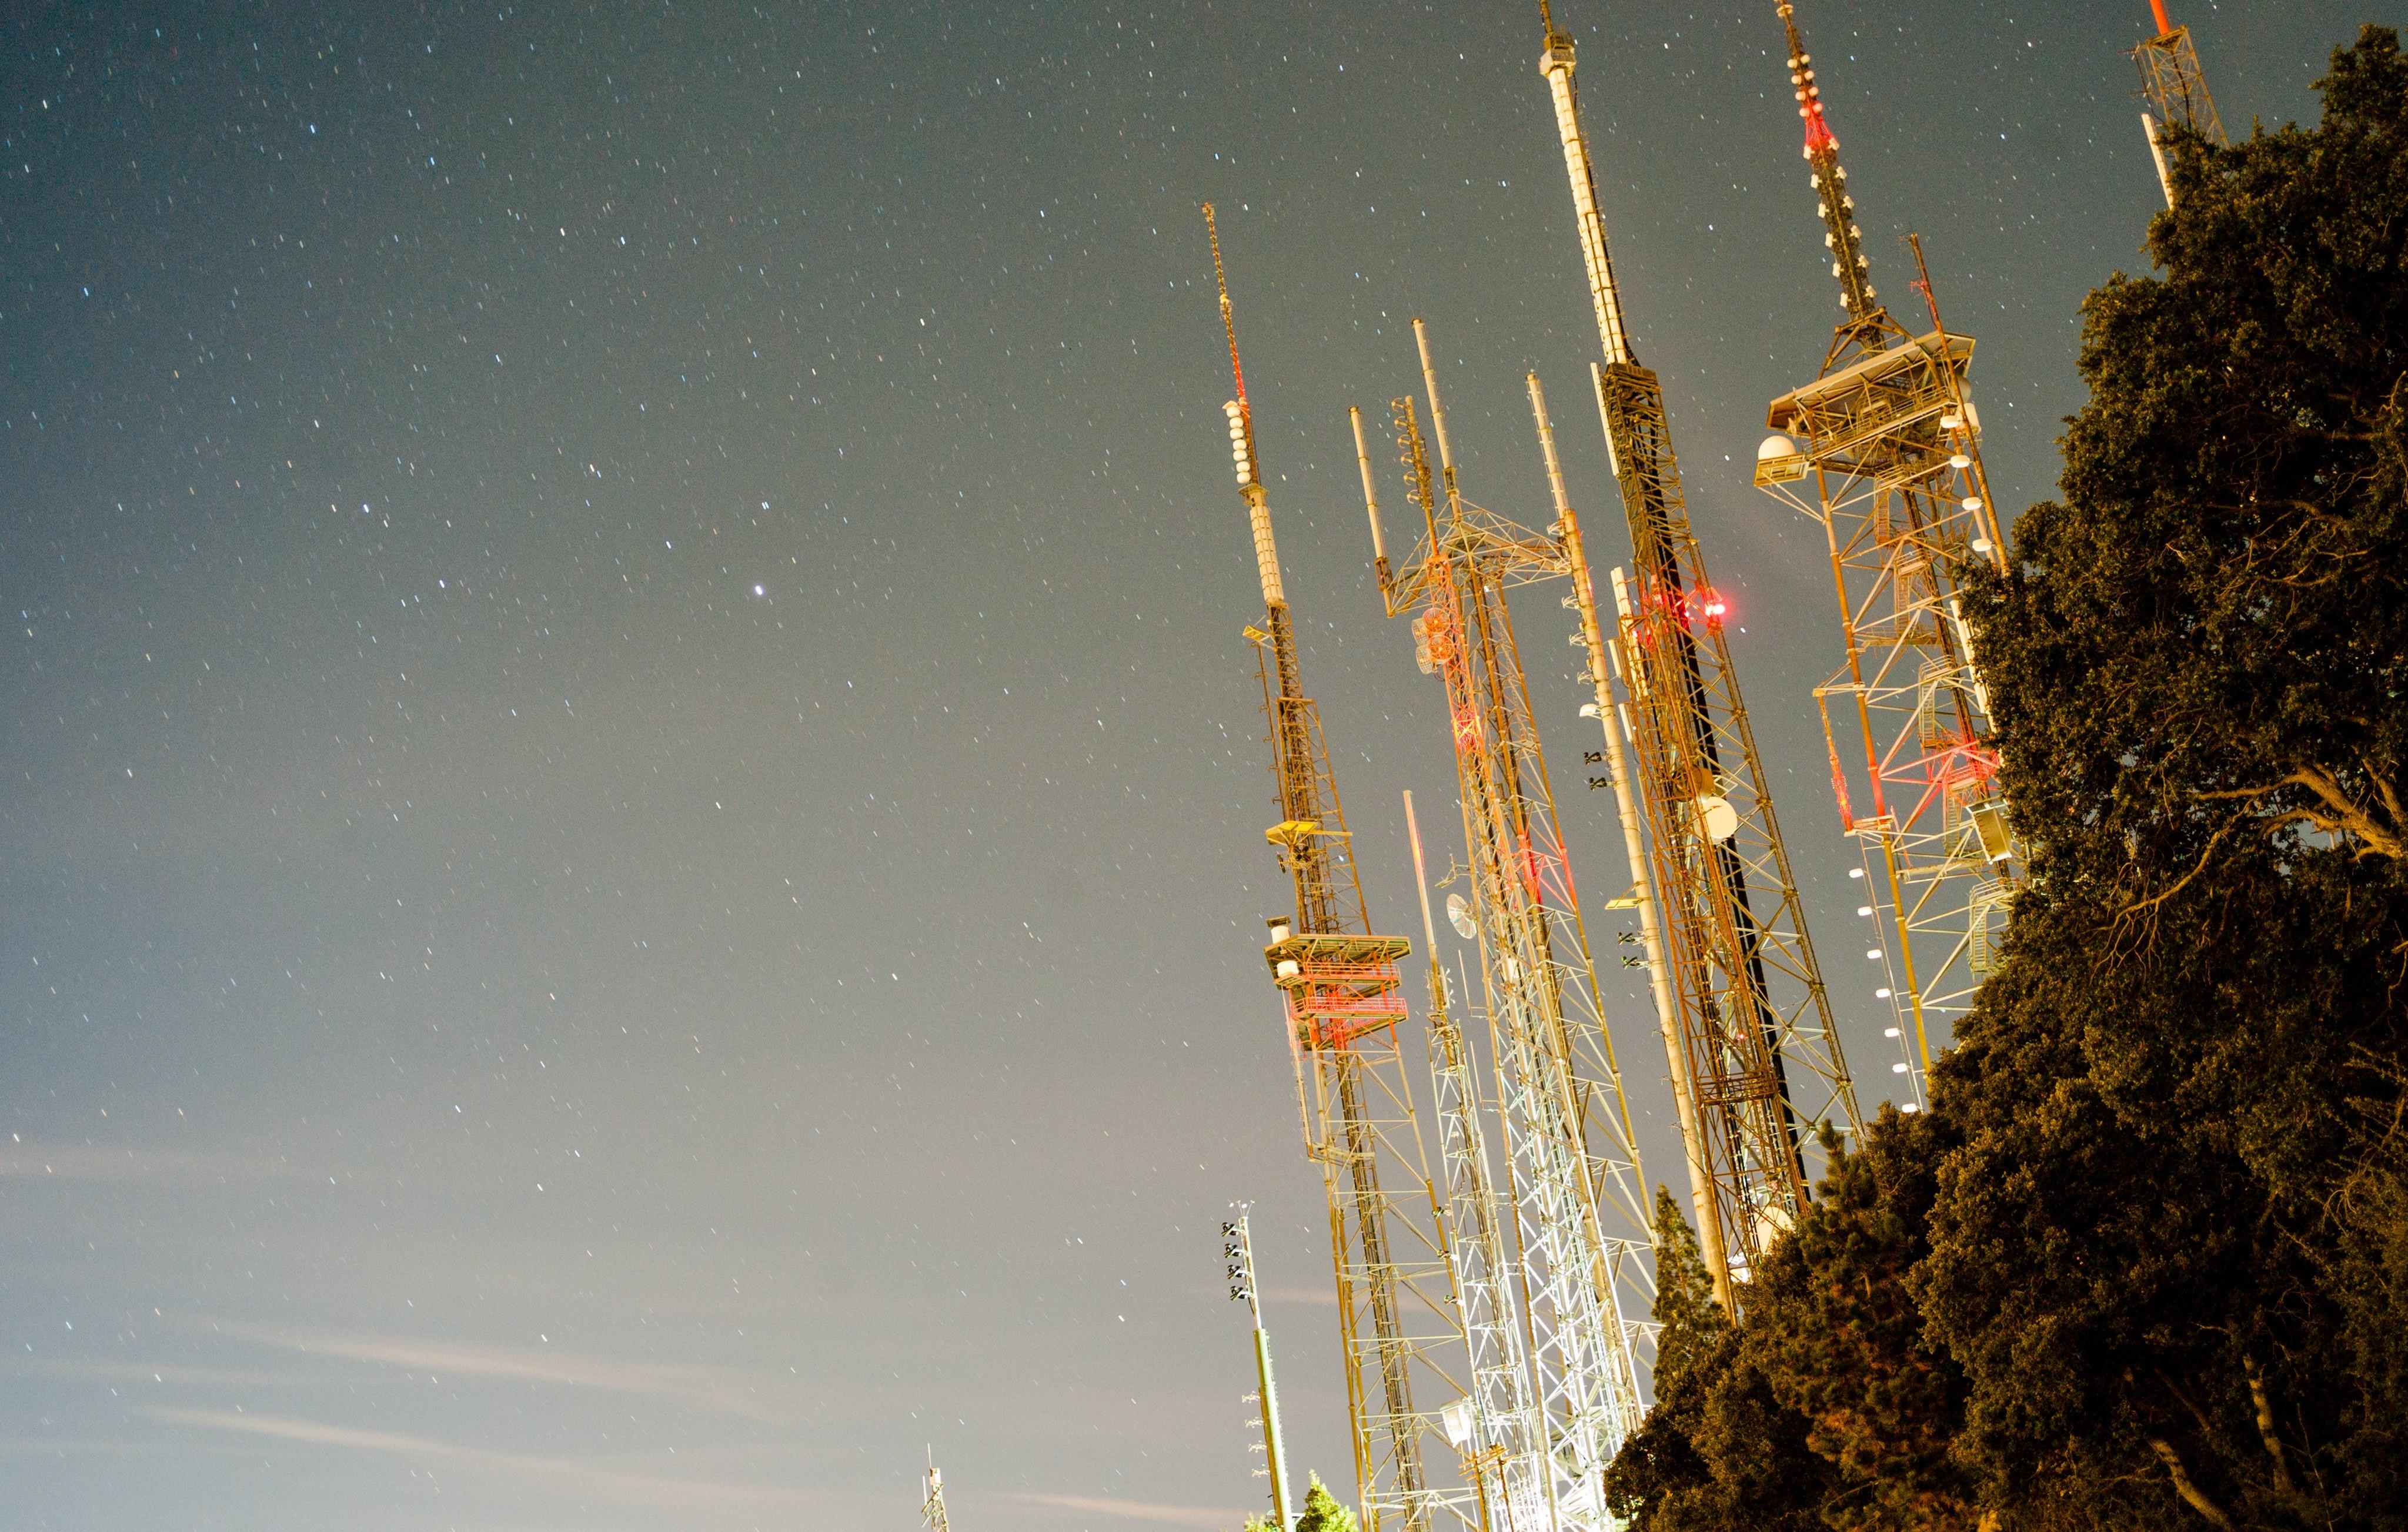 Ростелеком и оборудование для квантовых коммуникаций